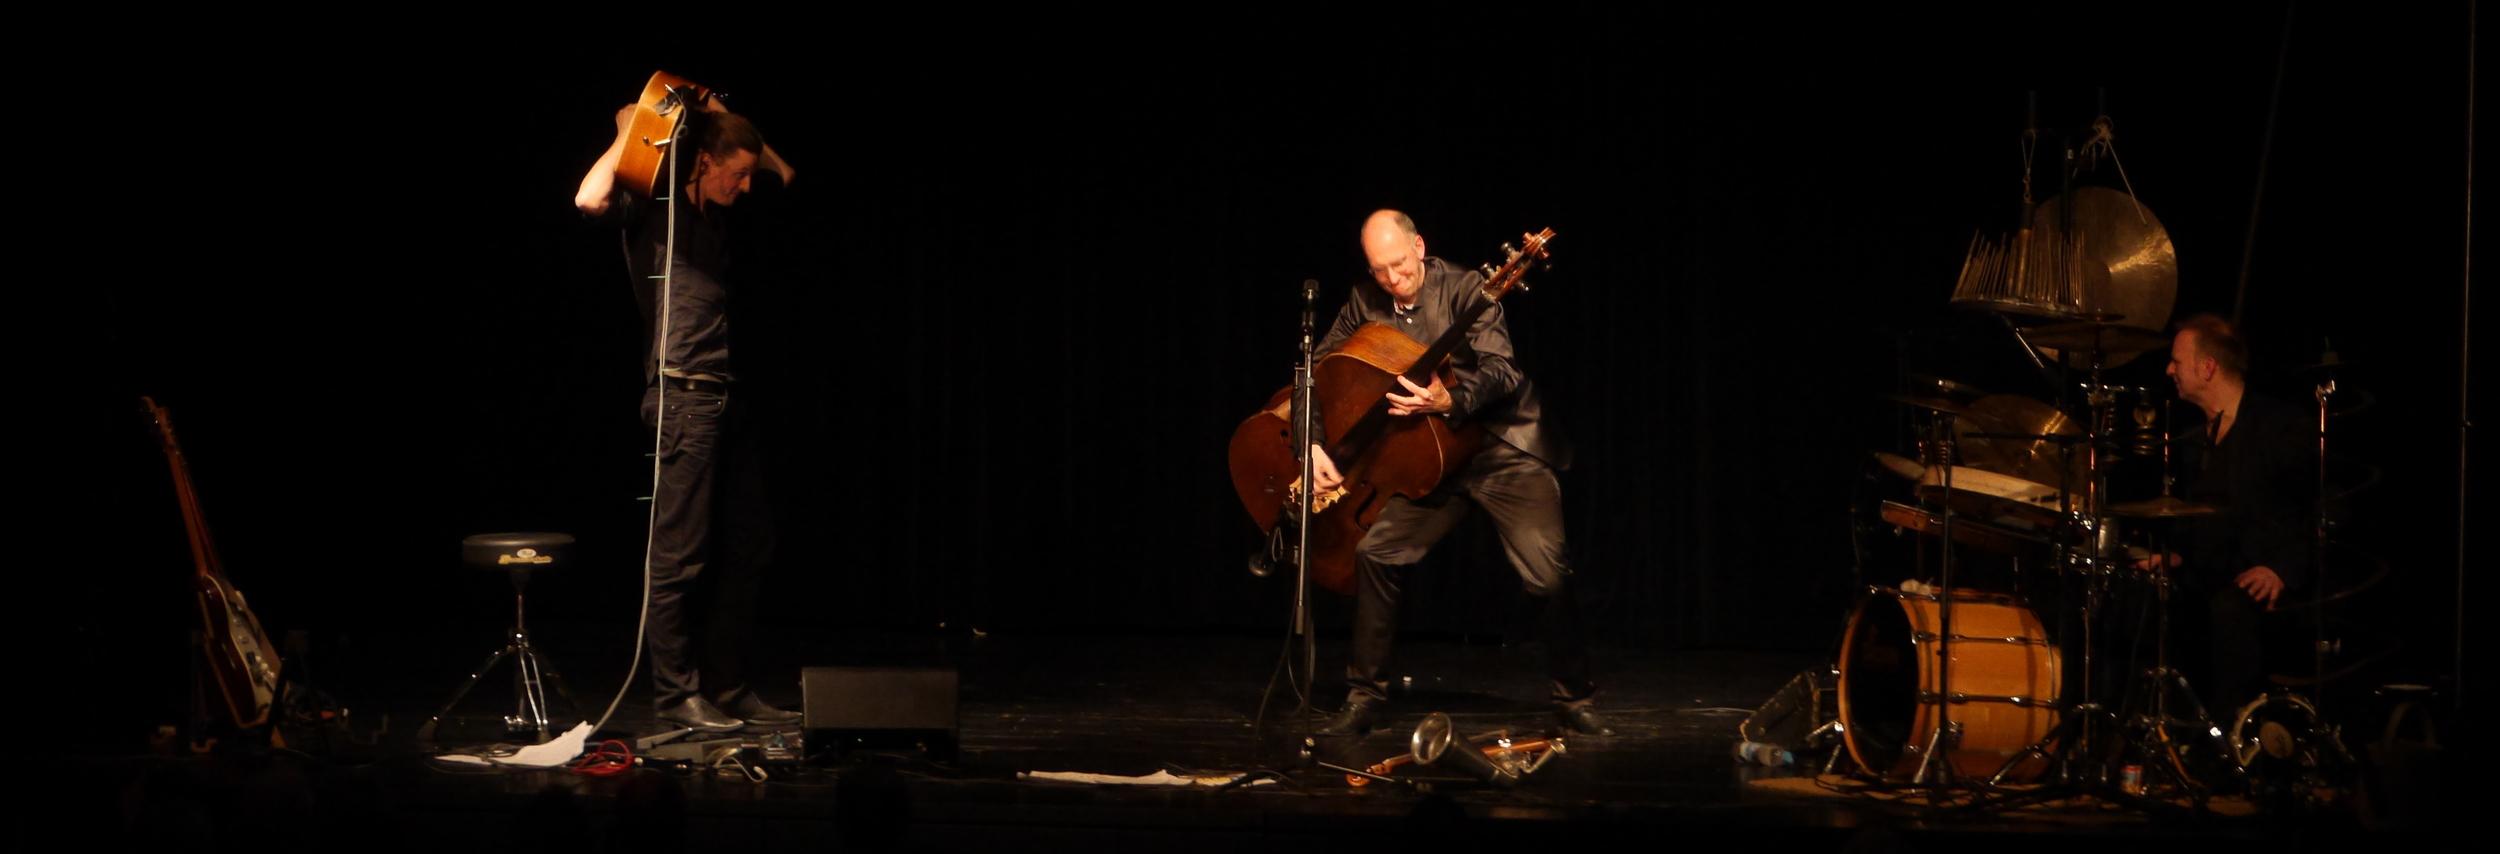 Martina Eisenreich Quartet (live), 2016. Fotography by Werner Gruban.